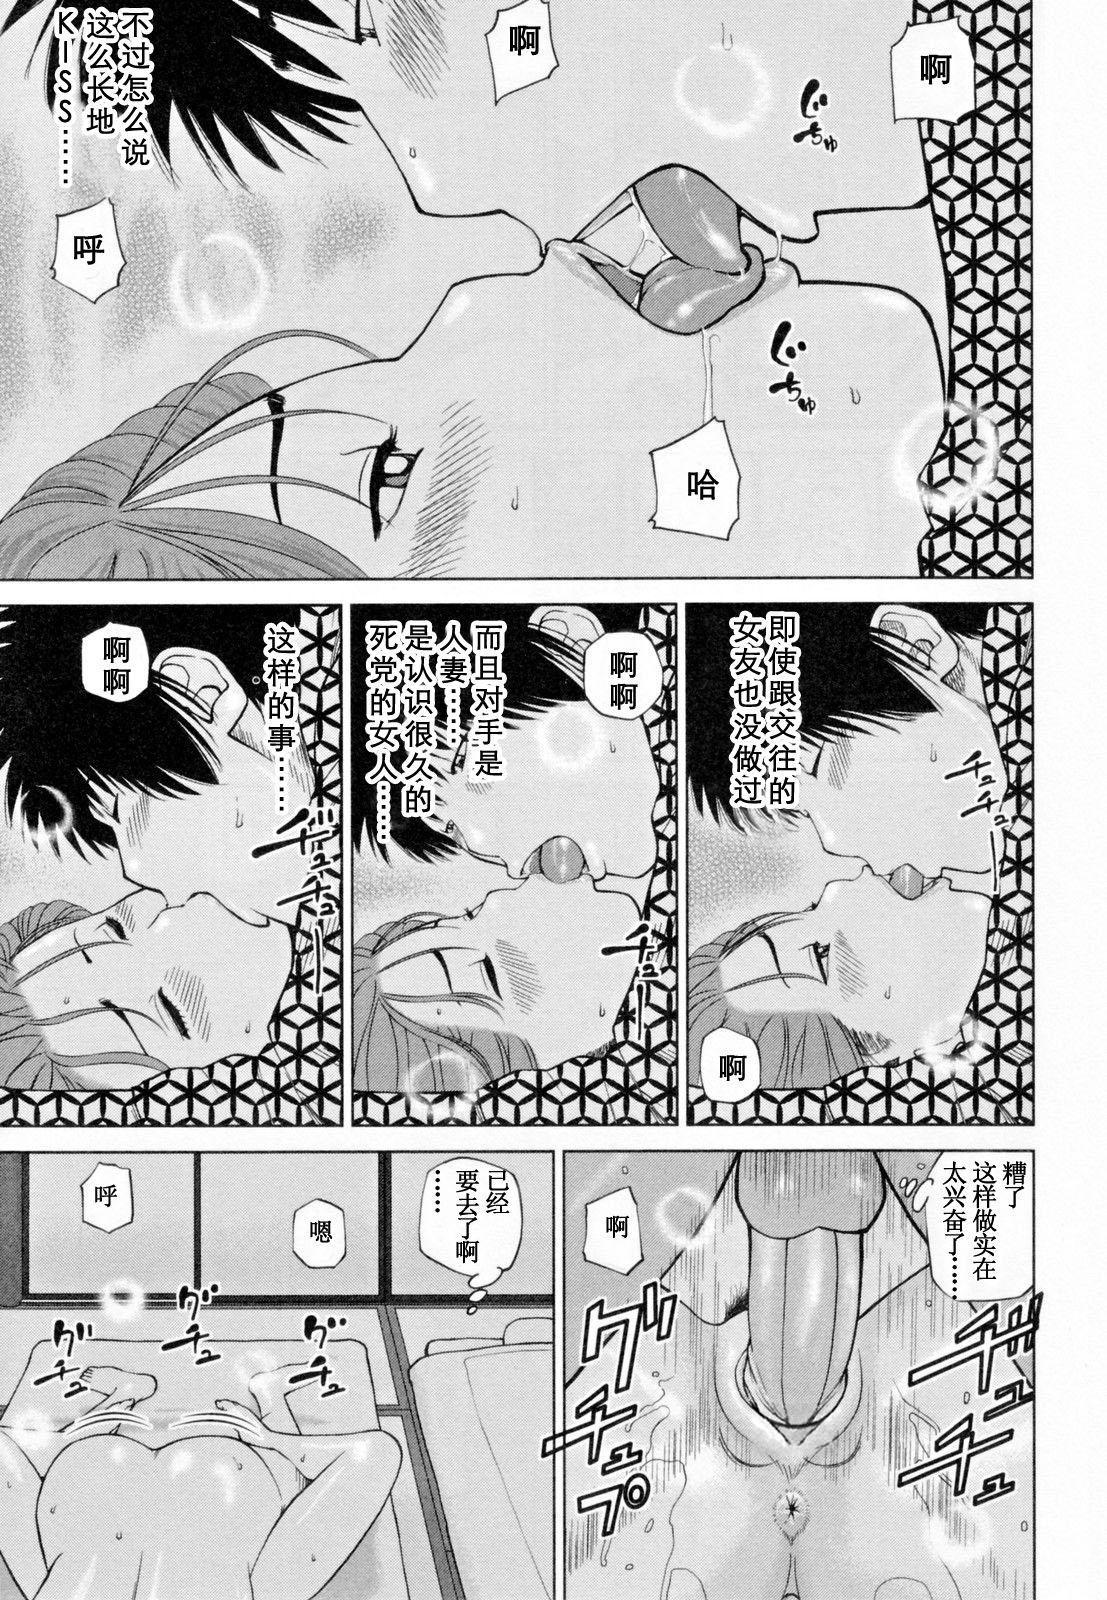 32 Sai Yokkyuufuman no Hitozuma 74